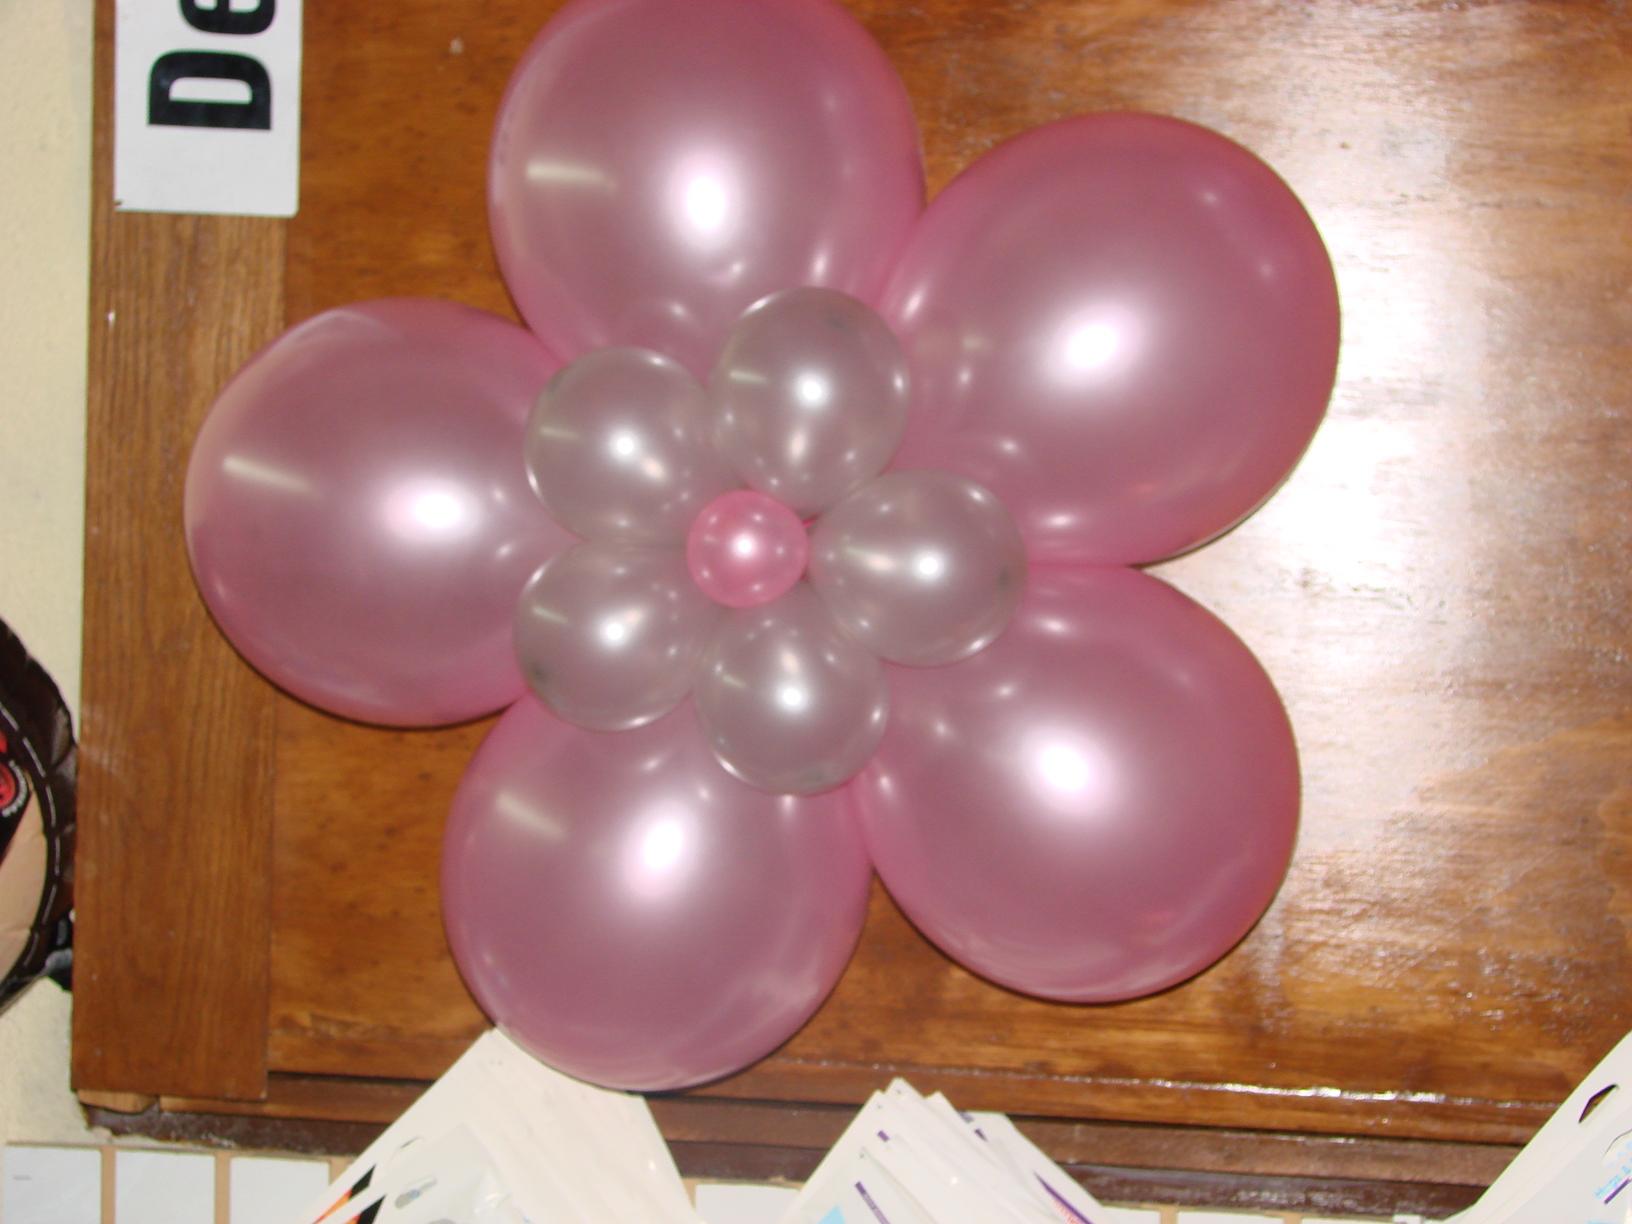 amazing una flor con globos premium para adornar tu evento sdanalus globos y efectos especiales en monterrey nuevo leon mexico with como hacer flores con - Como Hacer Flores Con Globos